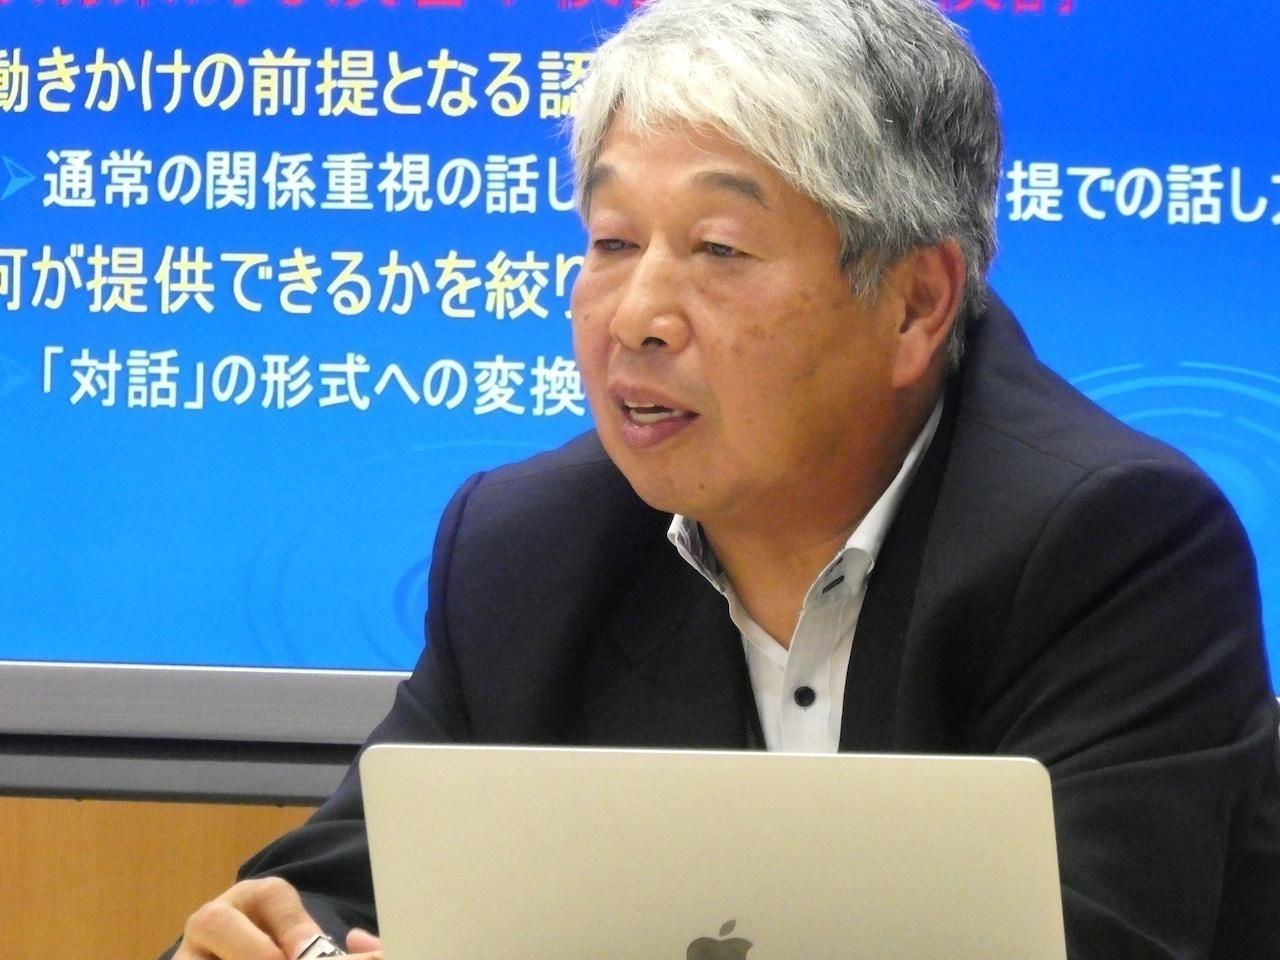 吉川悟教授(本学文学部/「対話的コミュニケーション」ユニット長)